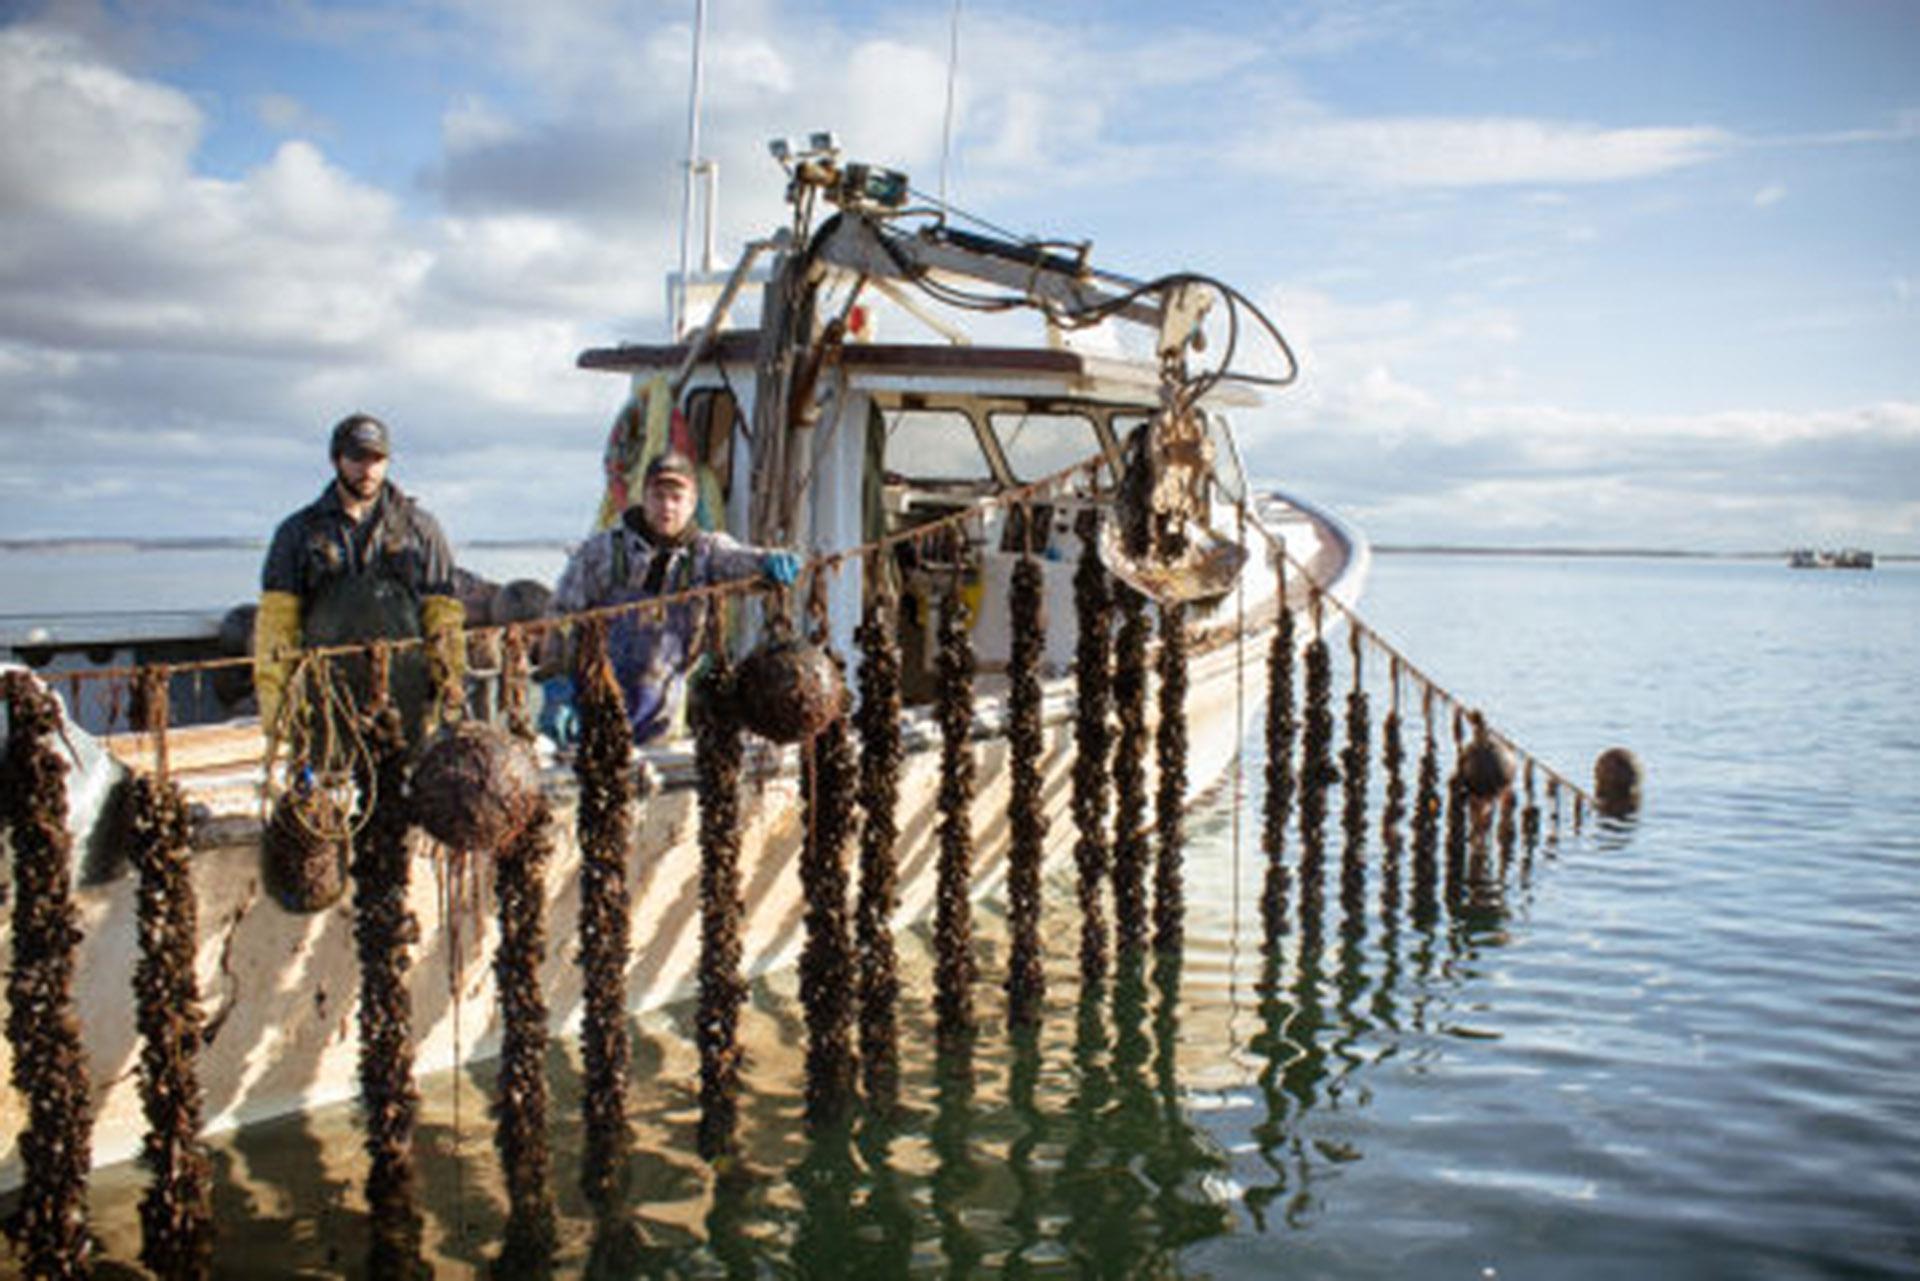 加拿大渔民用长线圈养蓝口贝,采收季轻松收获成串贻贝!